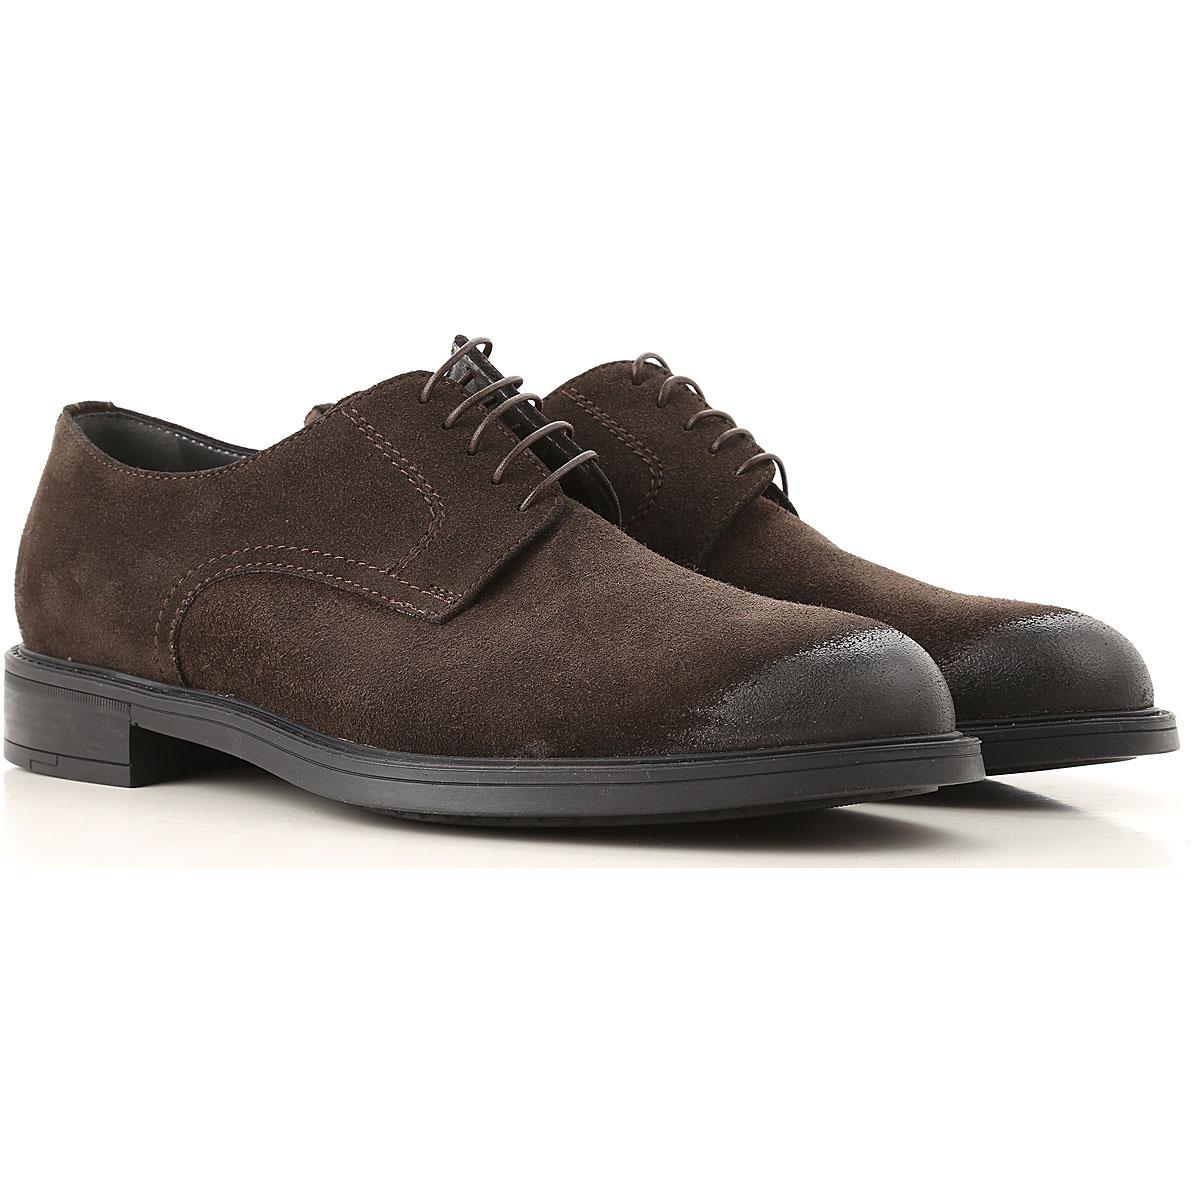 30f4f48f6 Moreschi Ботинки на шнурках для мужчин, оксфорды, дерби и спортивная ...